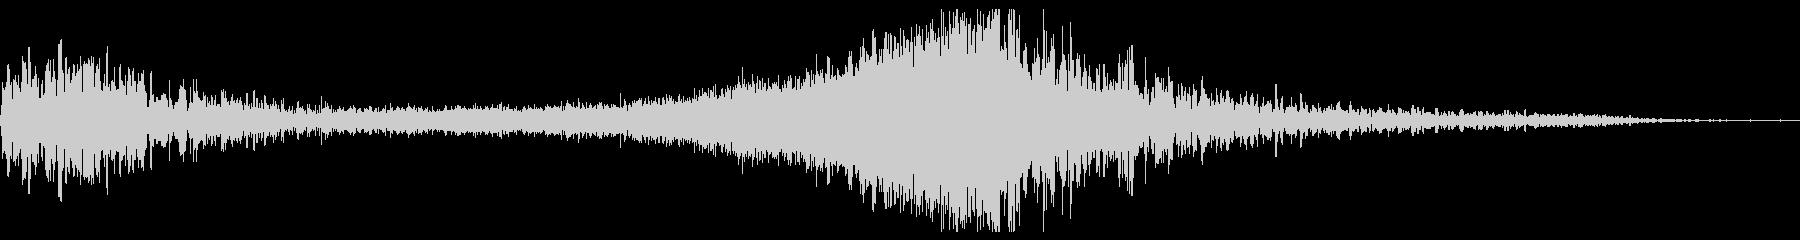 タイトル表記などの効果3の未再生の波形